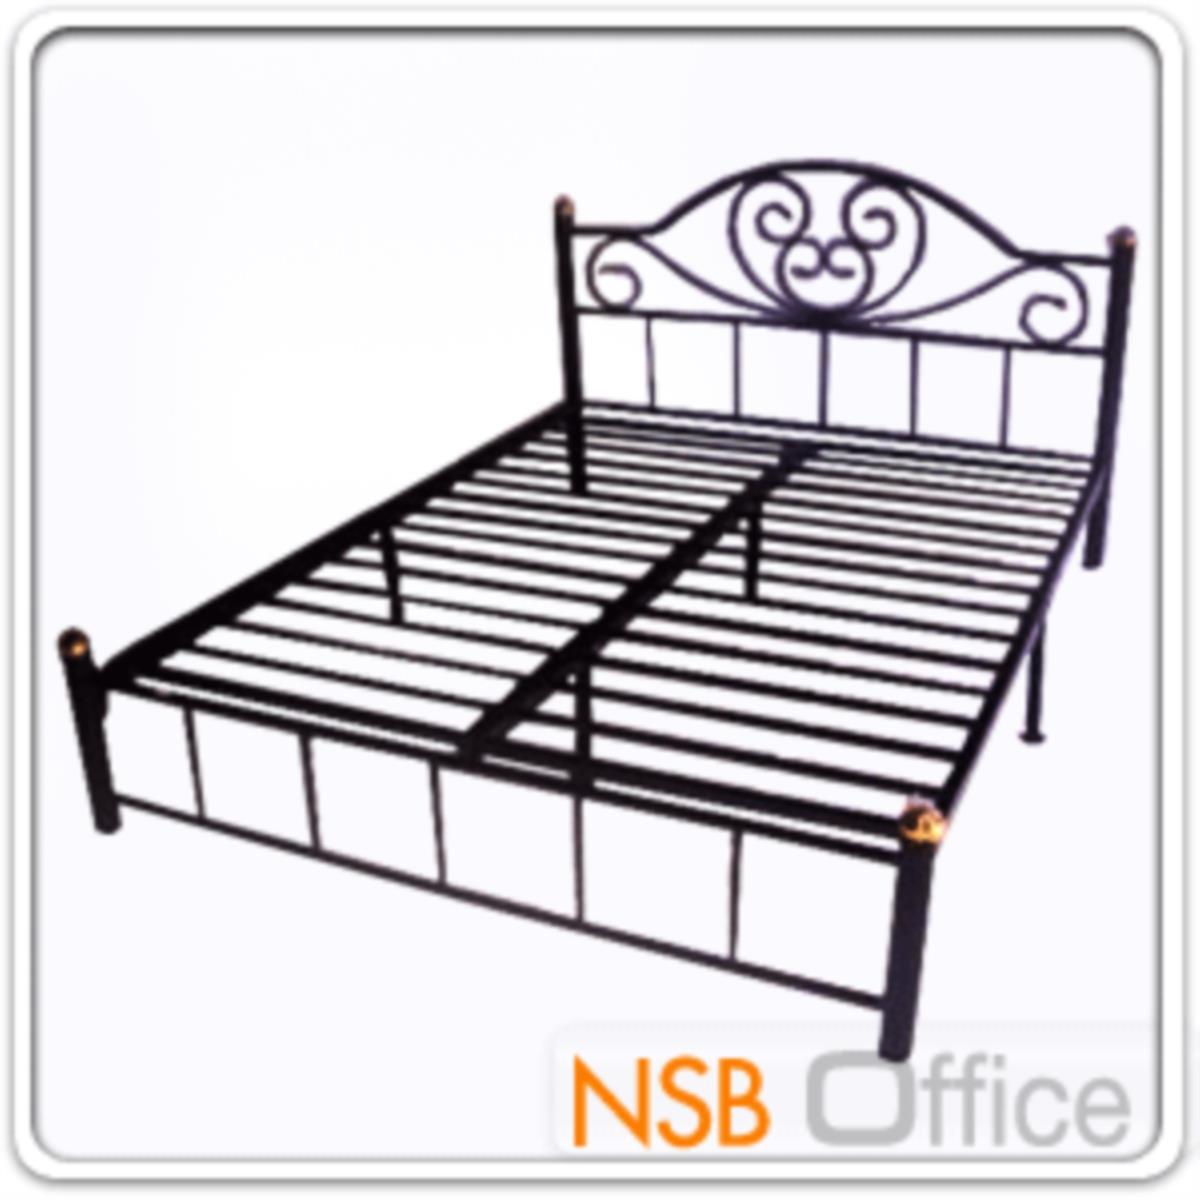 เตียงเหล็ก 6 ฟุต รุ่นมาตรฐาน หนา 0.7 mm. ขนาด 182.88W* 200D* 33H cm (ลายบัว)